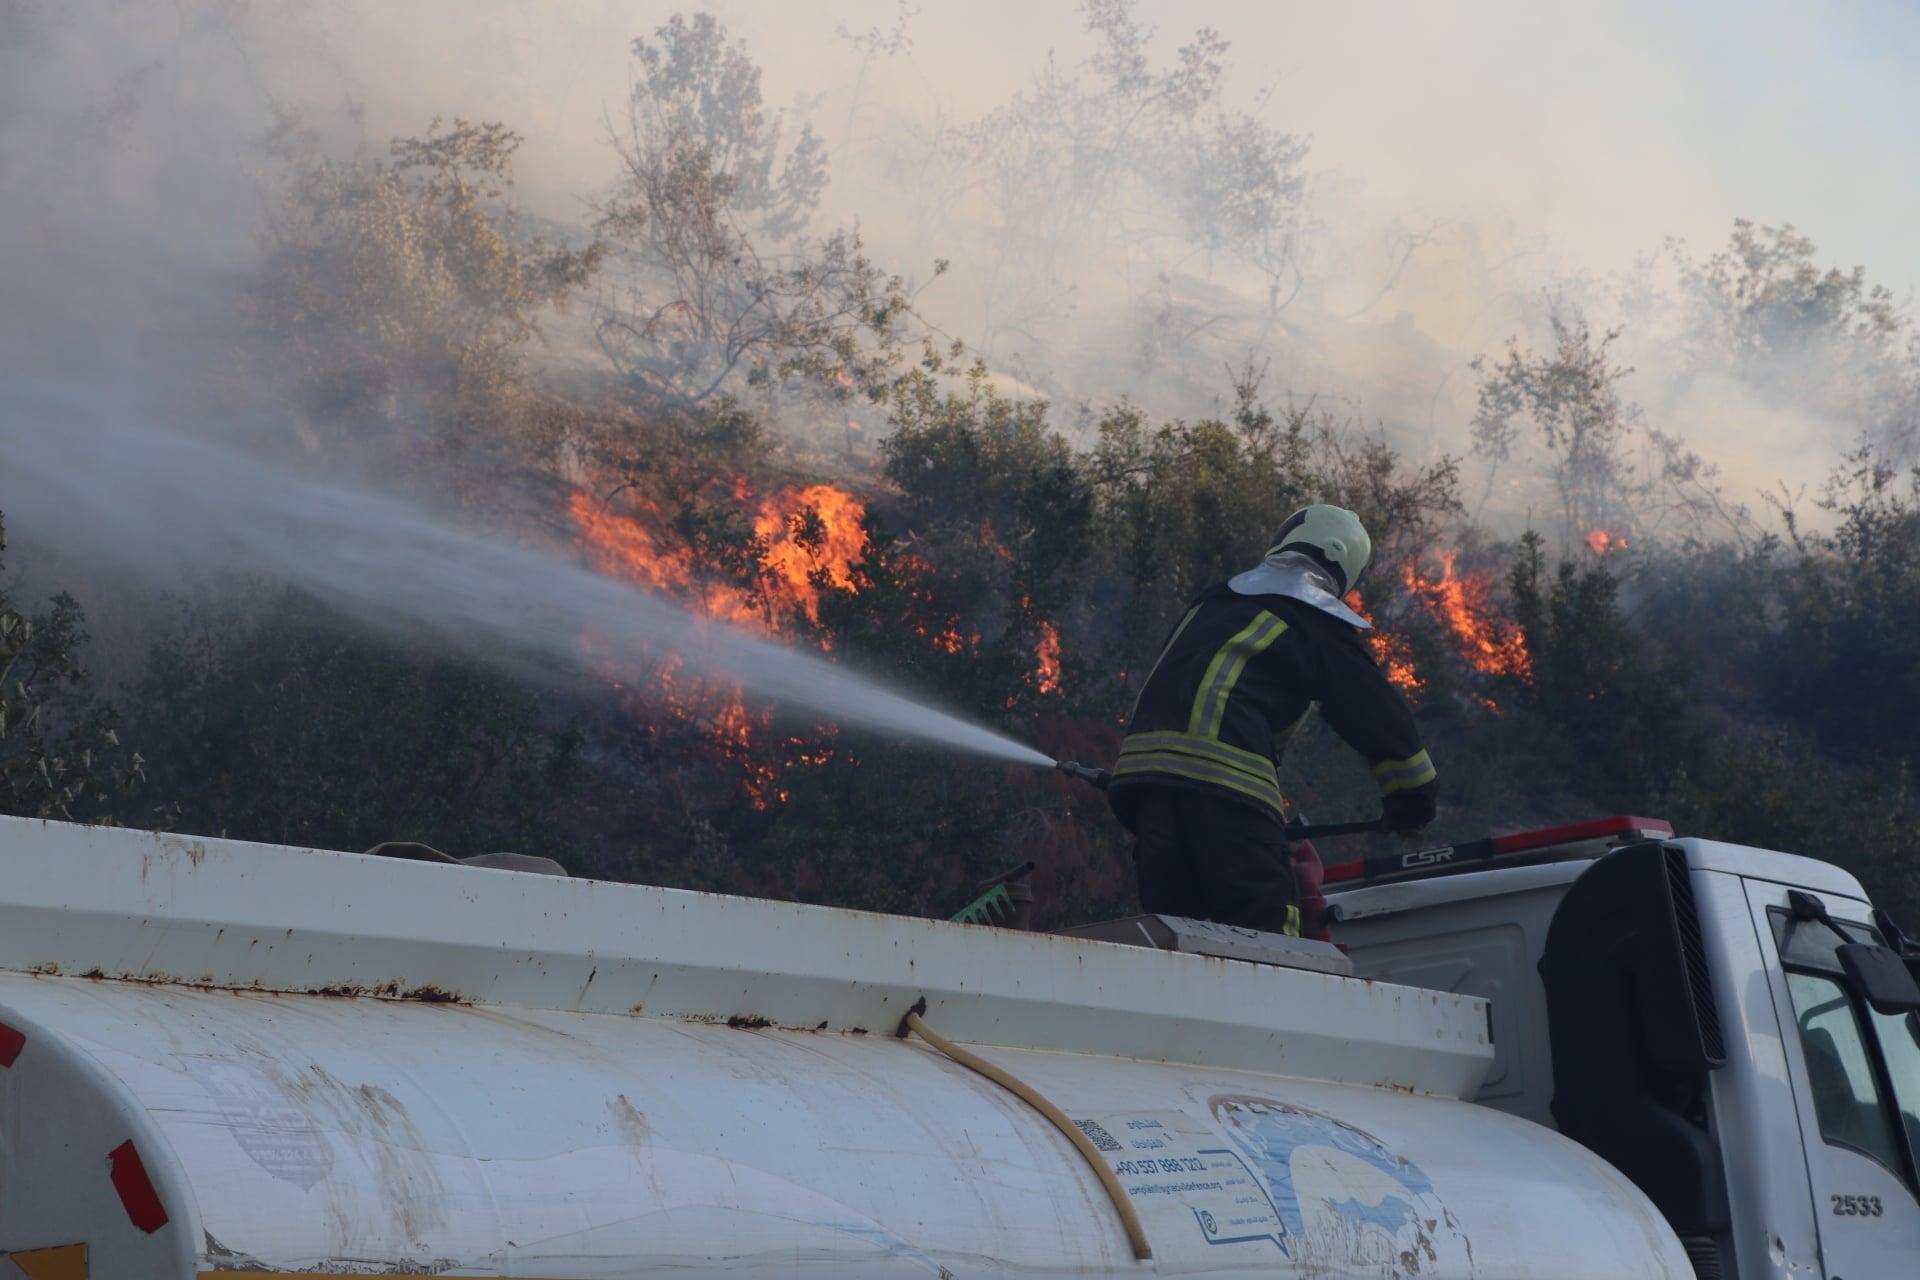 الدفاع المدني يسيطر على حرائق اندلعت في الأرضي الحراجية بريف عفرين...صور